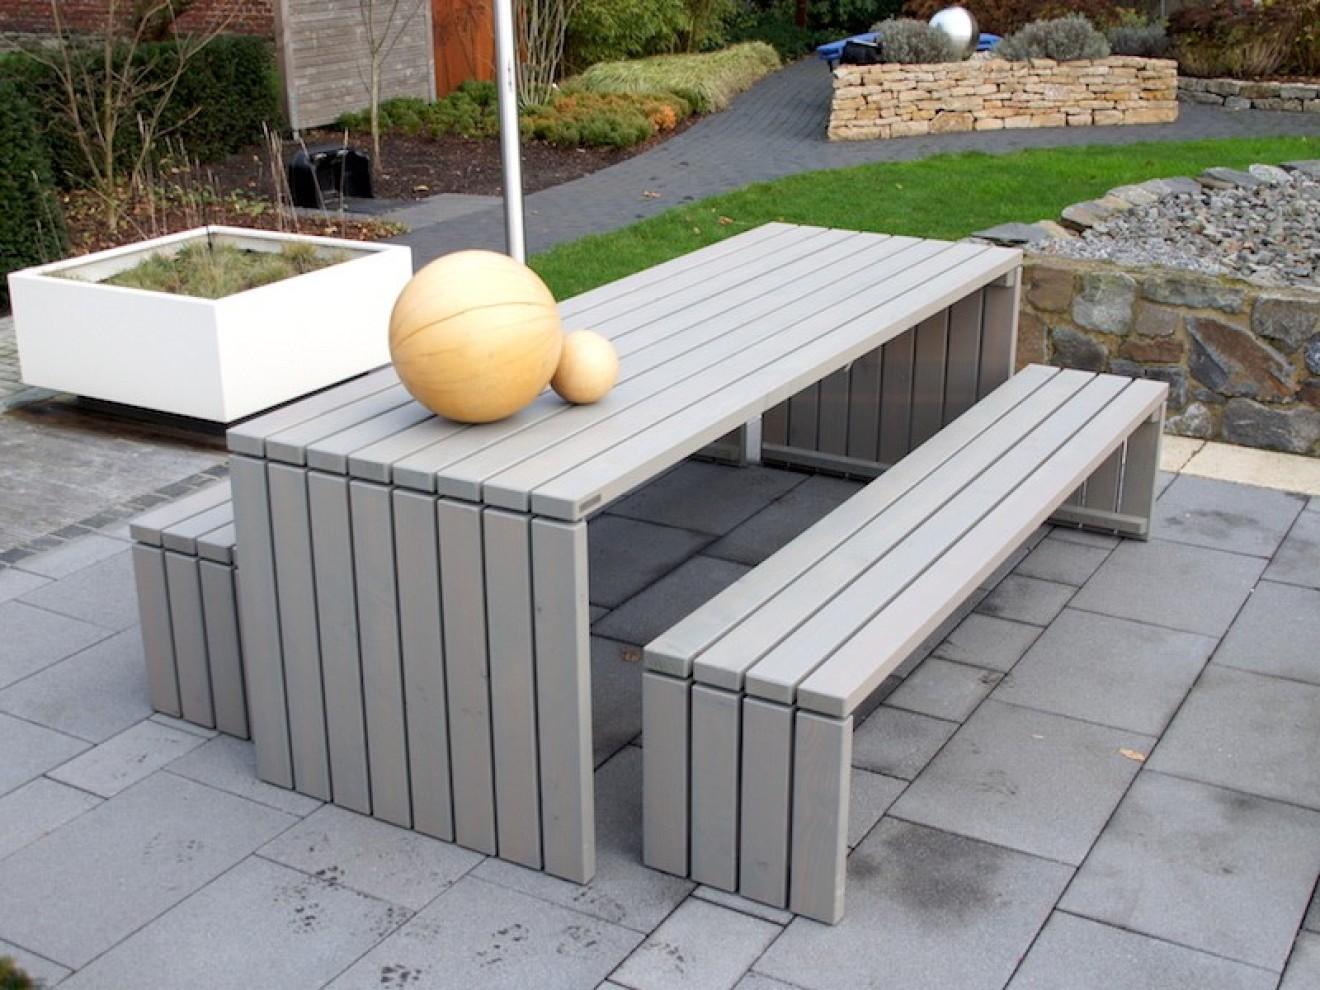 Gartenmöbel set holz grau  Gartenmöbel Set 1 - Zeitlose Gartenmöbel aus heimischem Holz